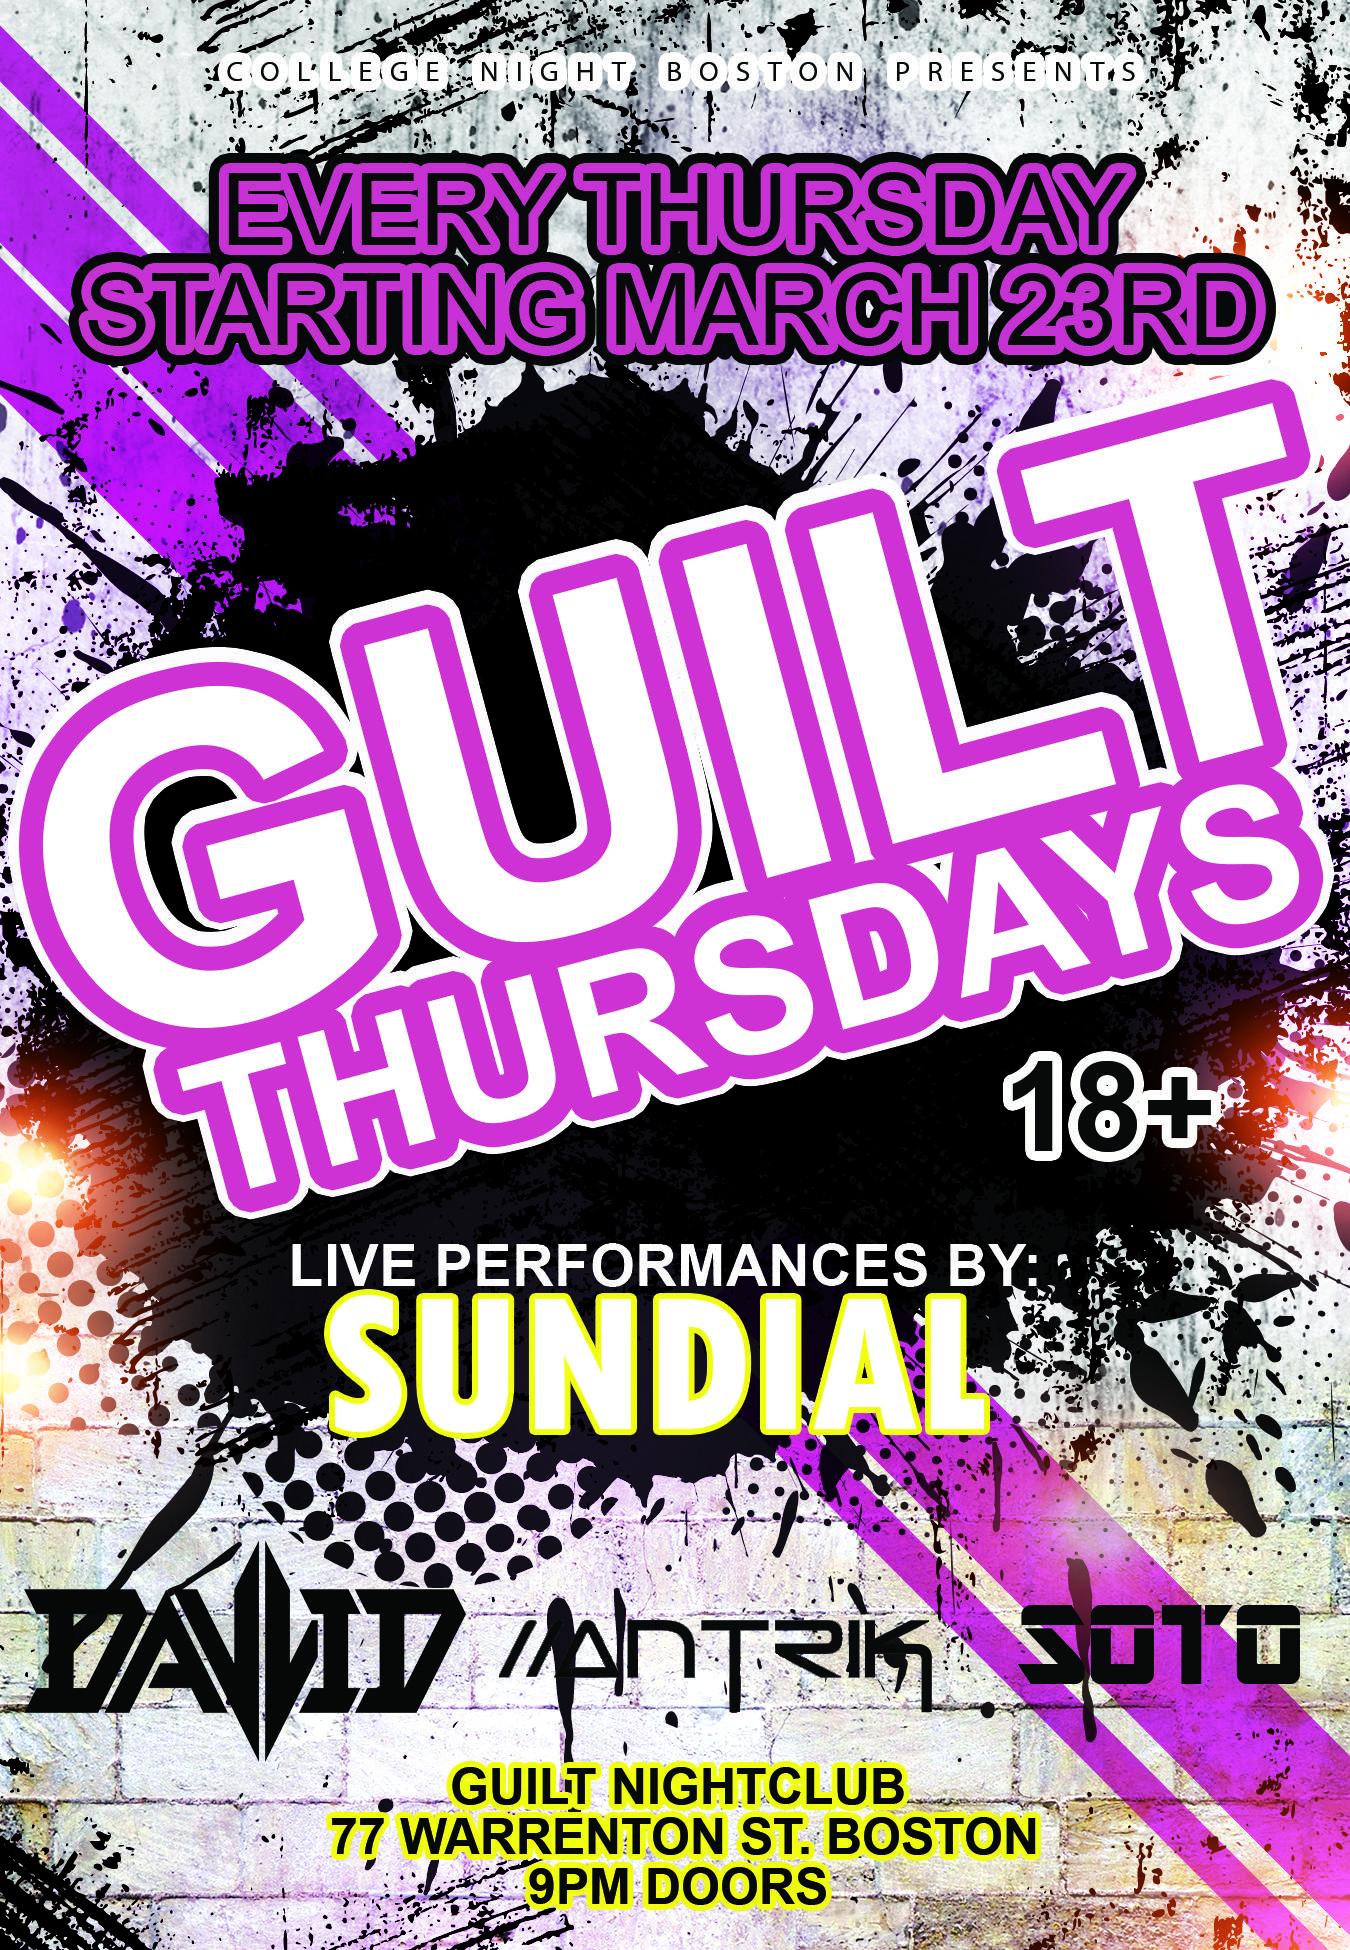 18+ Guilt Thursdays - March 23rd